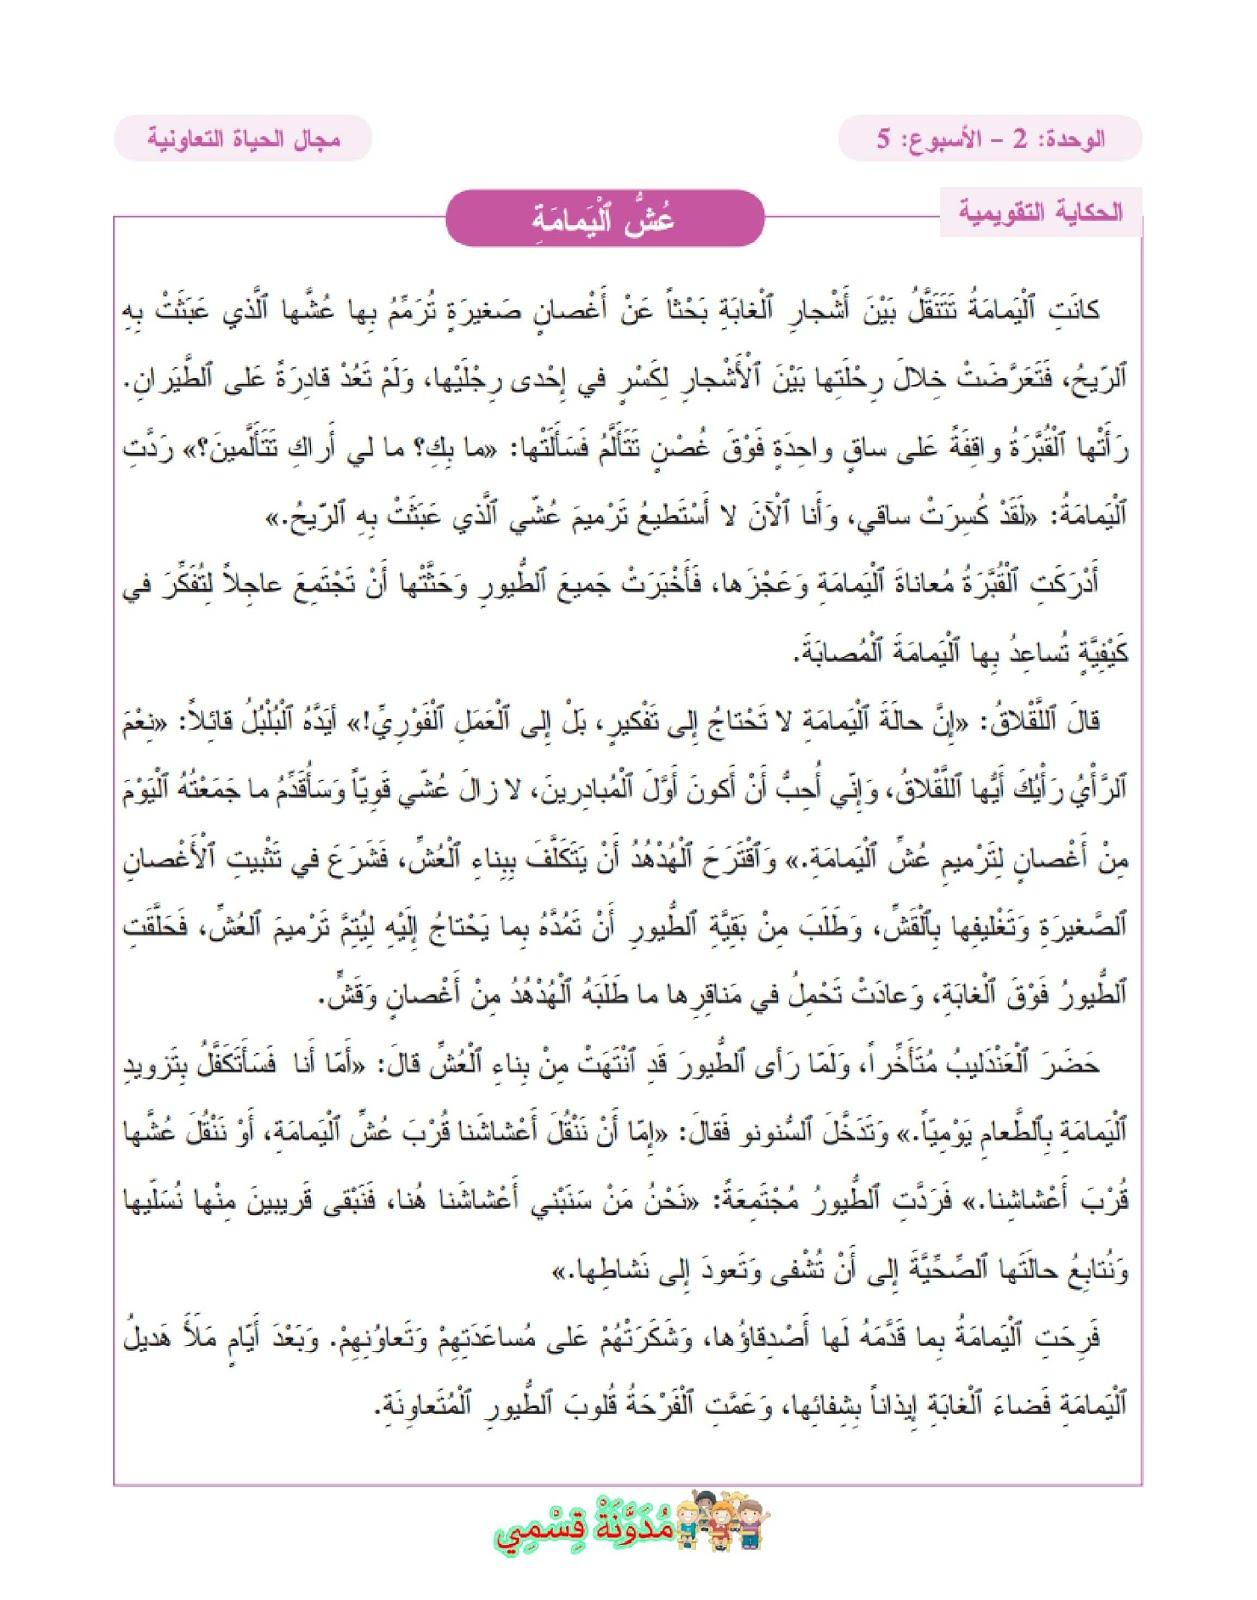 تحميل نص حكاية عش اليمامة للمستوى الثالث للمفيد في اللغة العربية